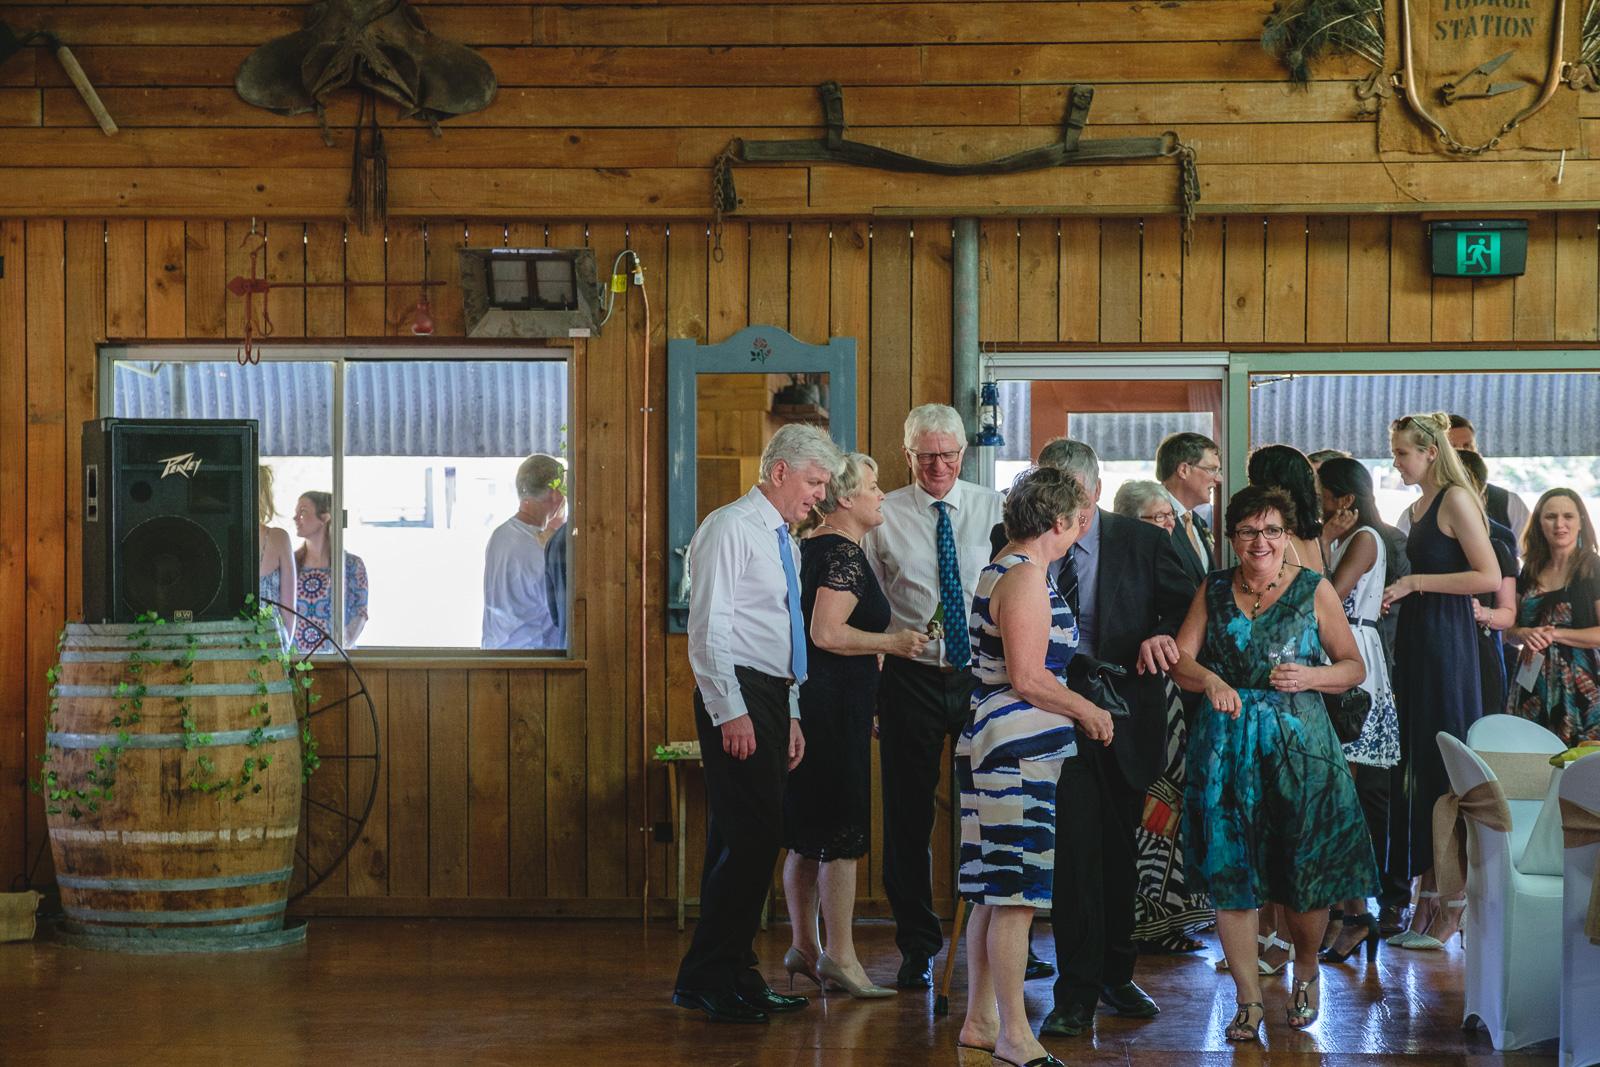 Tobruk-sheep-station-sydney-wedding (111).jpg